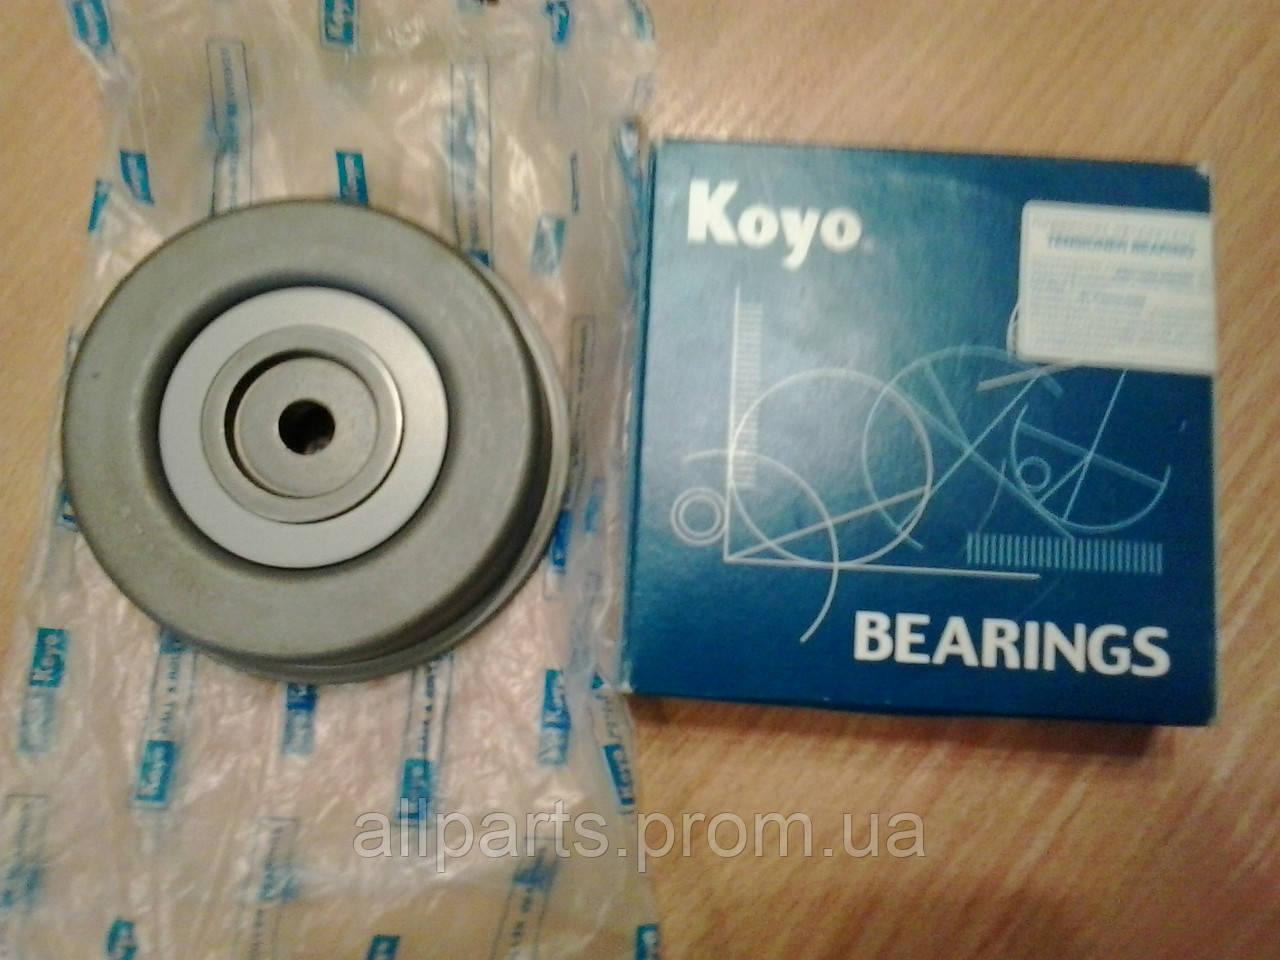 Подшипник KOYO (страна производитель Япония)